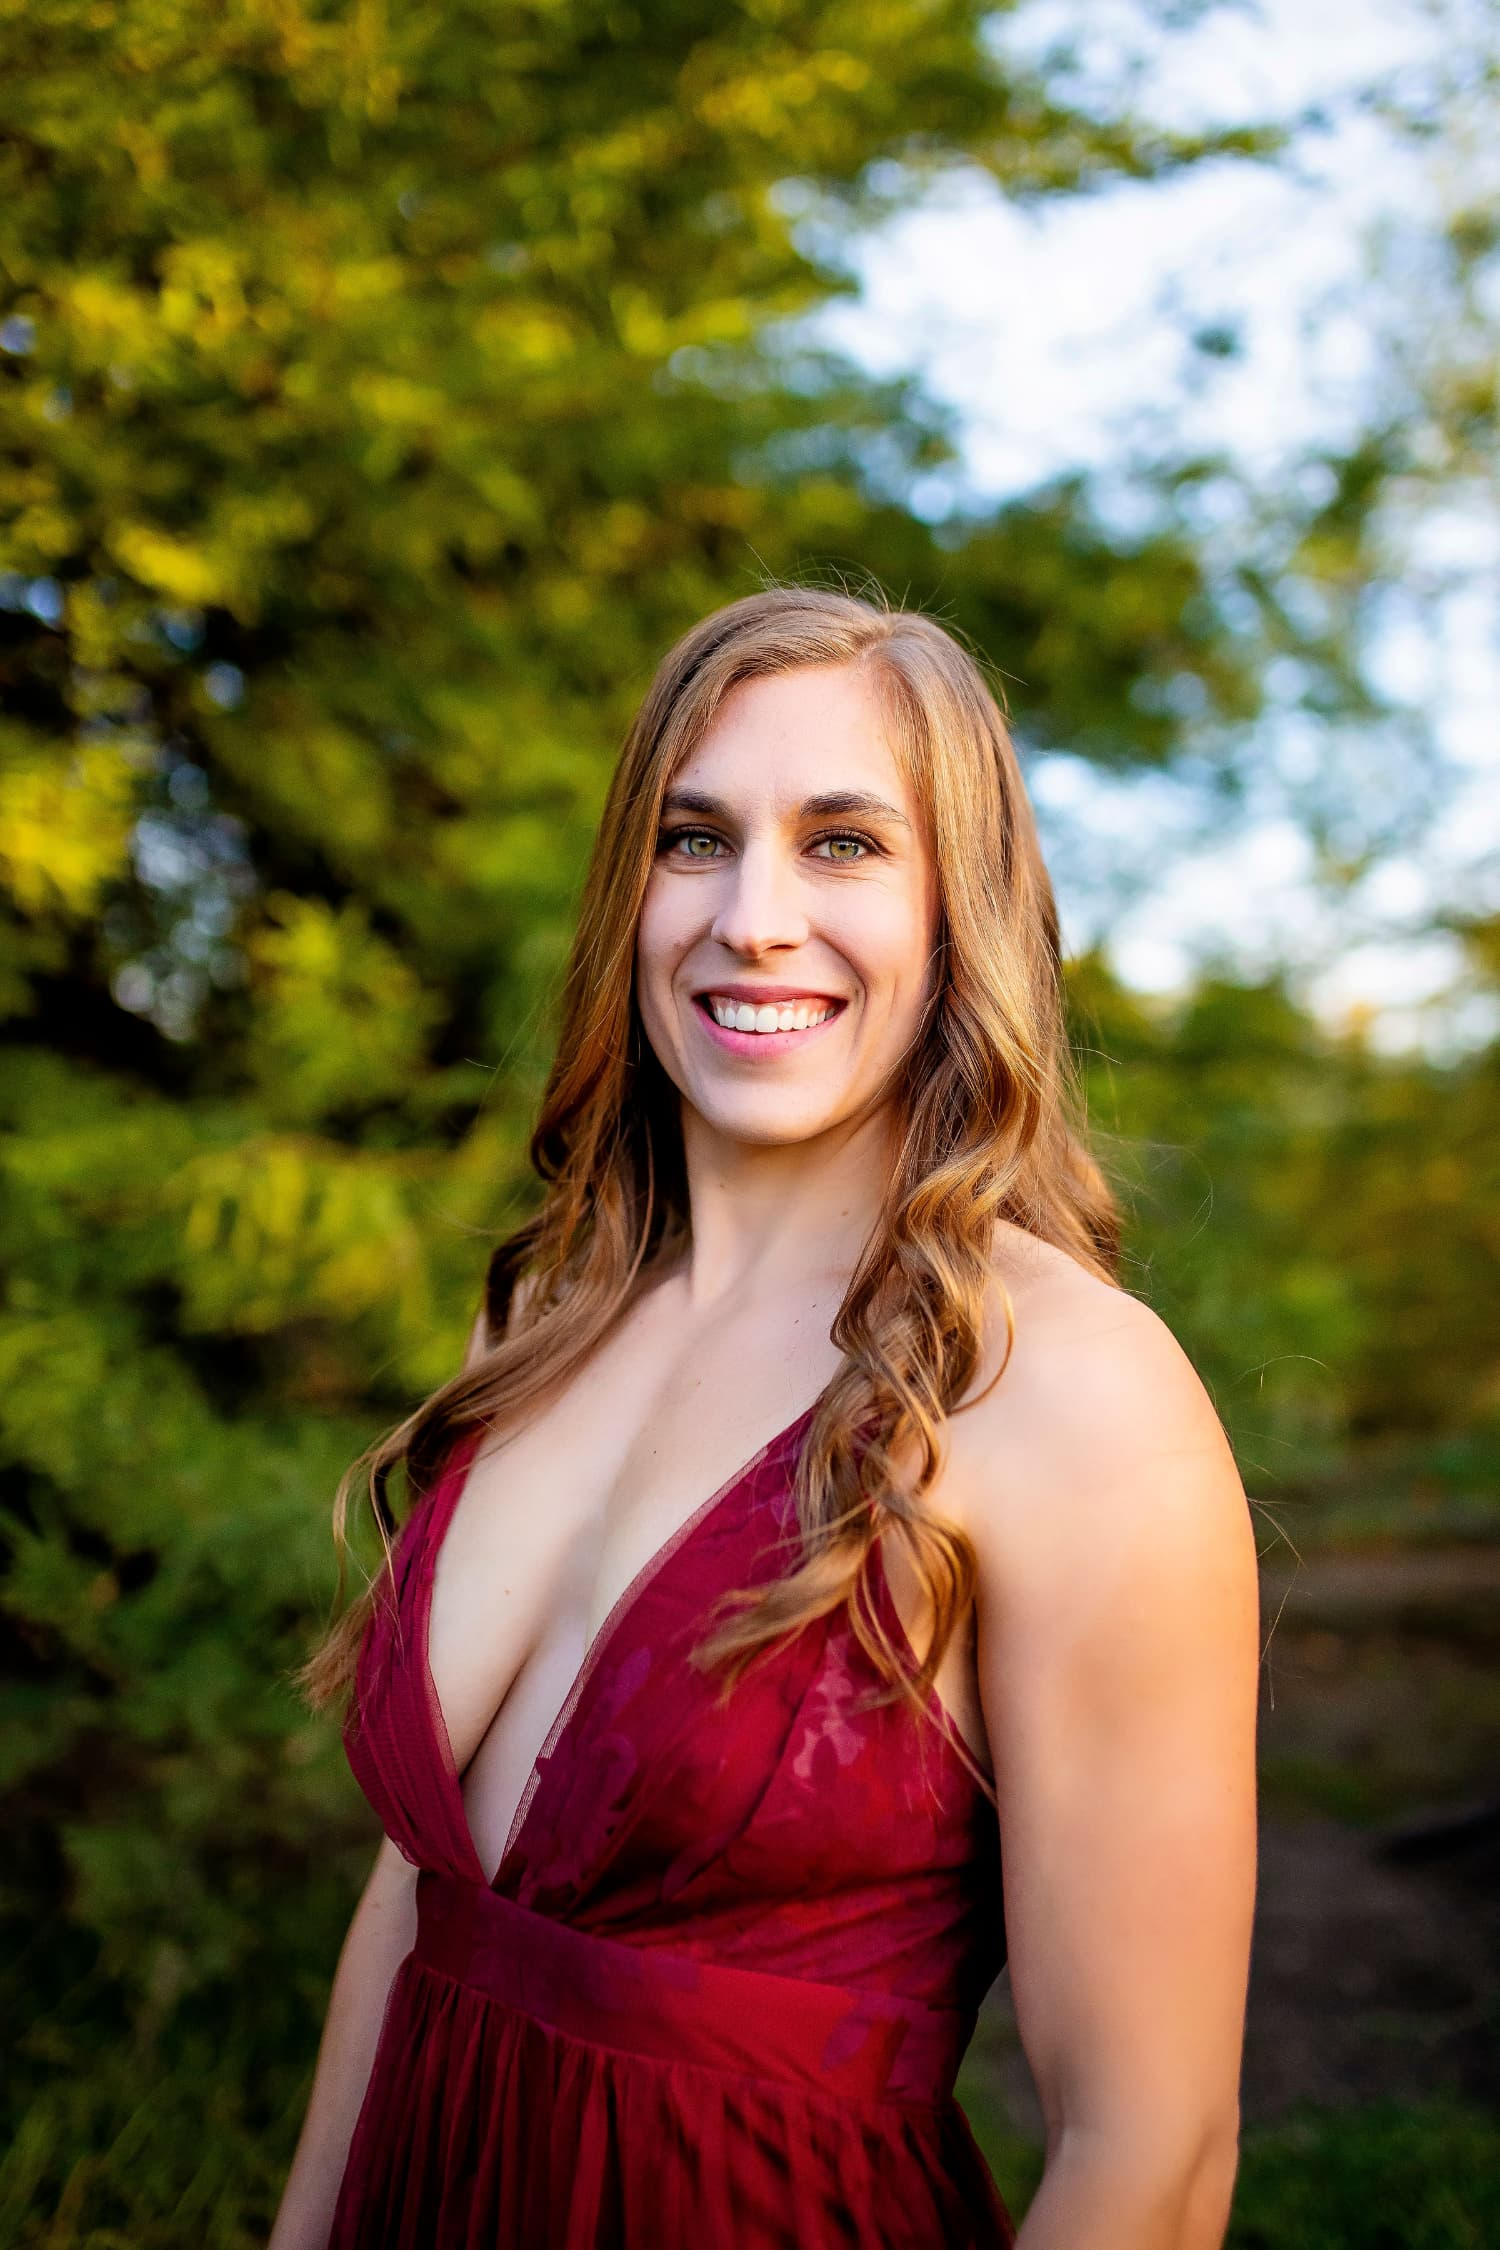 Megan Sterkowitz